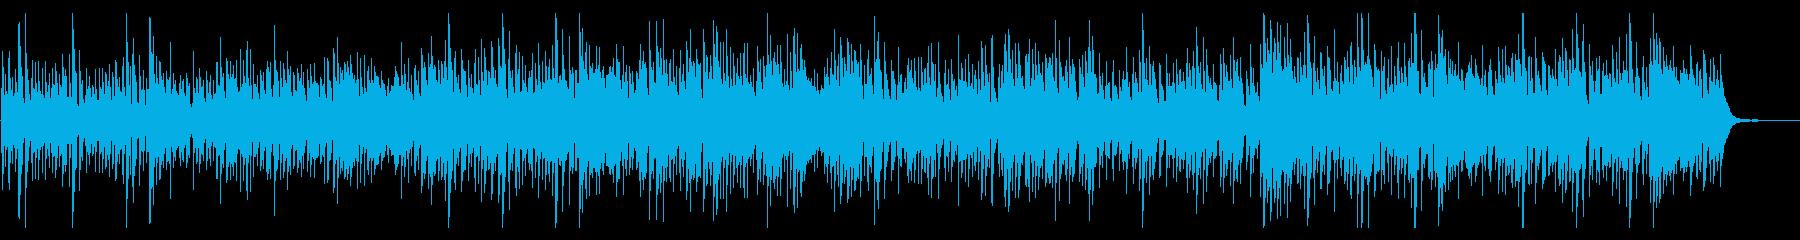 口笛とピアノでかわいいポップの再生済みの波形